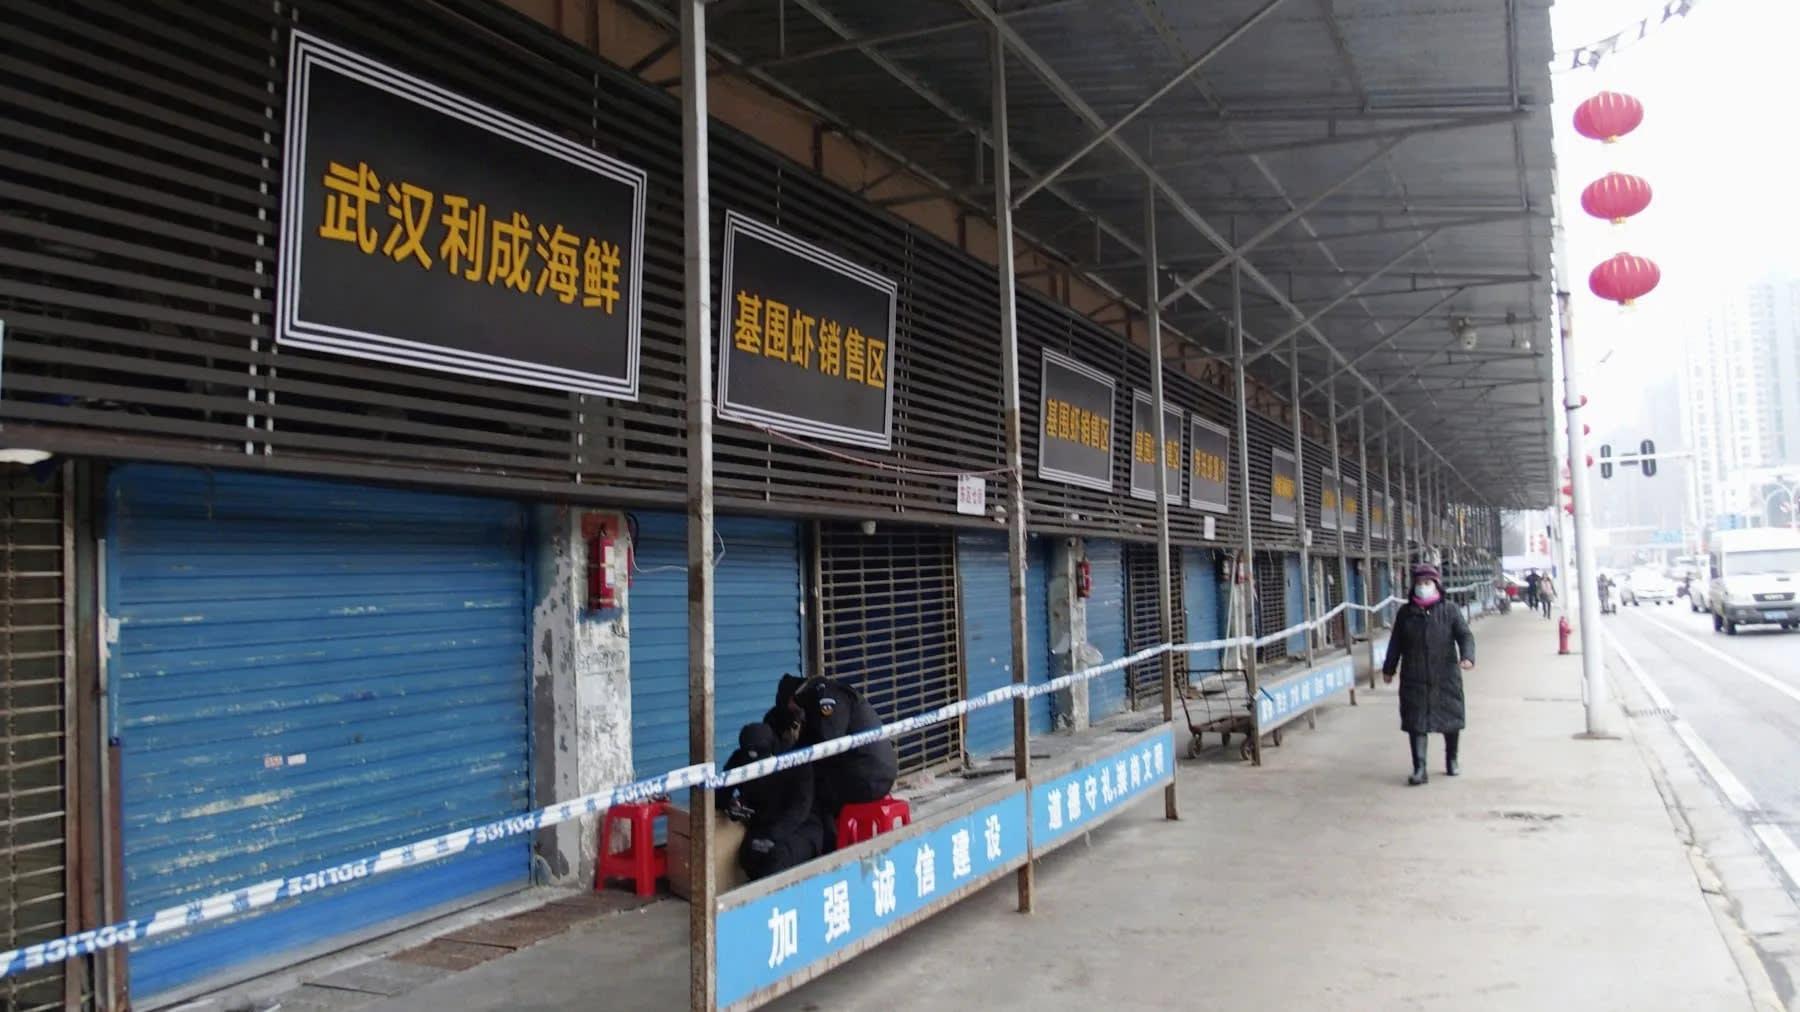 Ít nhất thêm ba trường hợp nghi ngờ nhiễm virus cúm mới ở Thâm Quyến, Thượng Hải - Ảnh 1